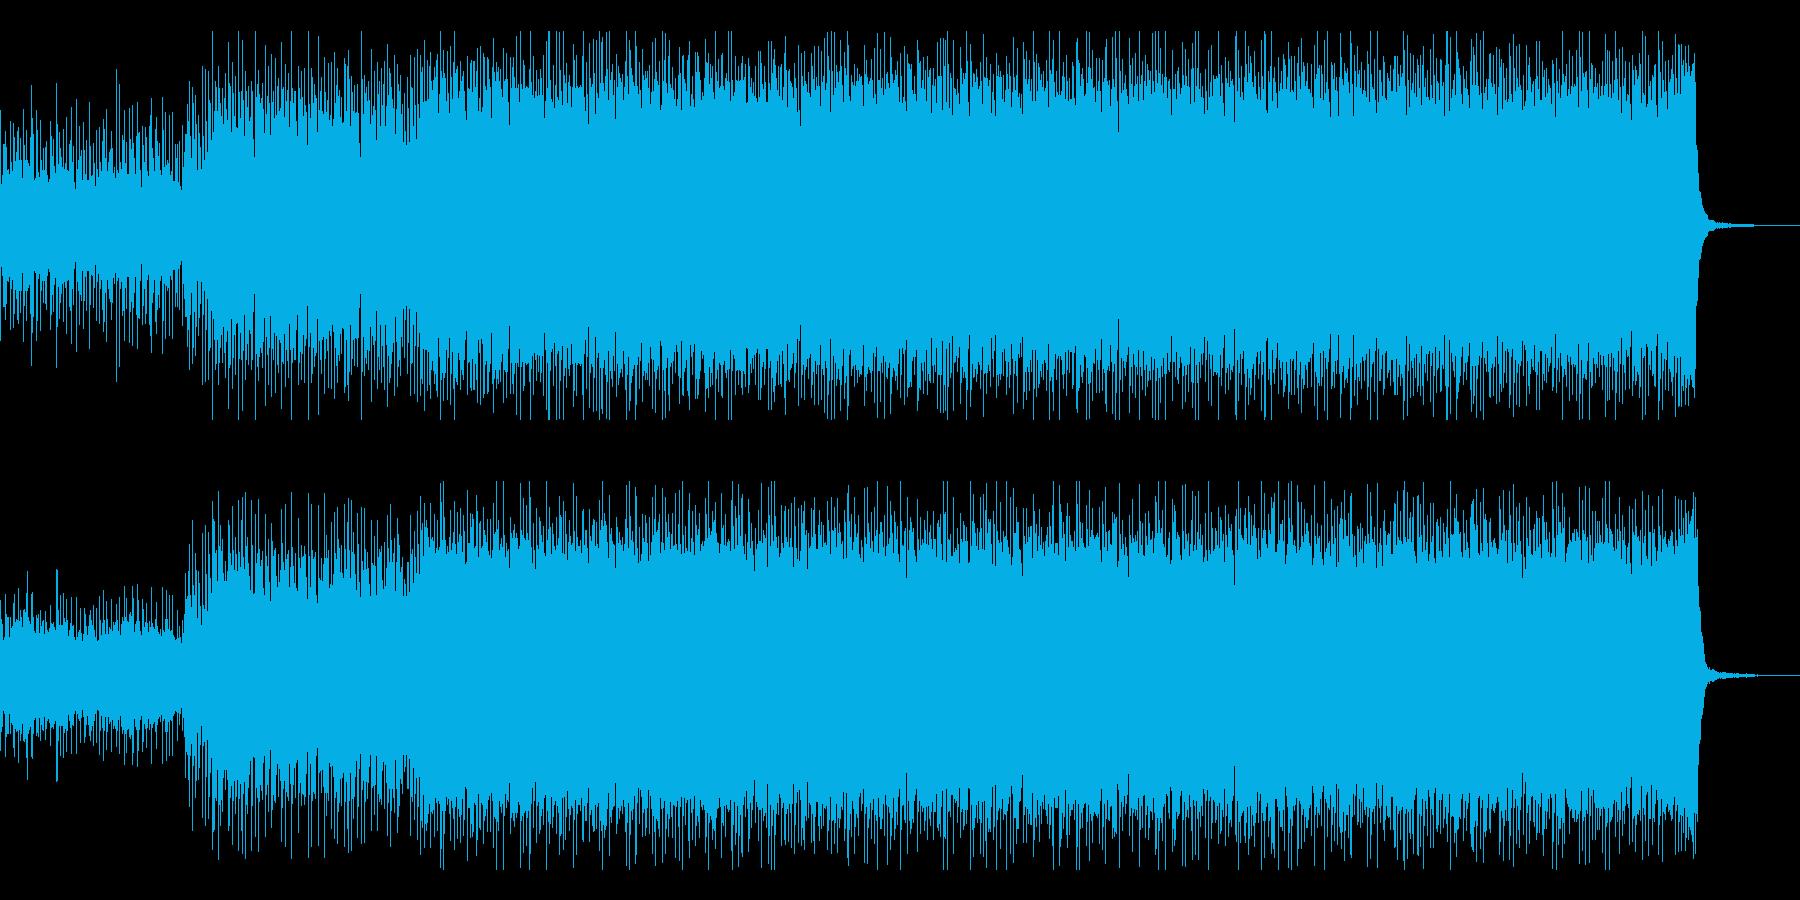 バトルシーン用のドラムンベースの再生済みの波形